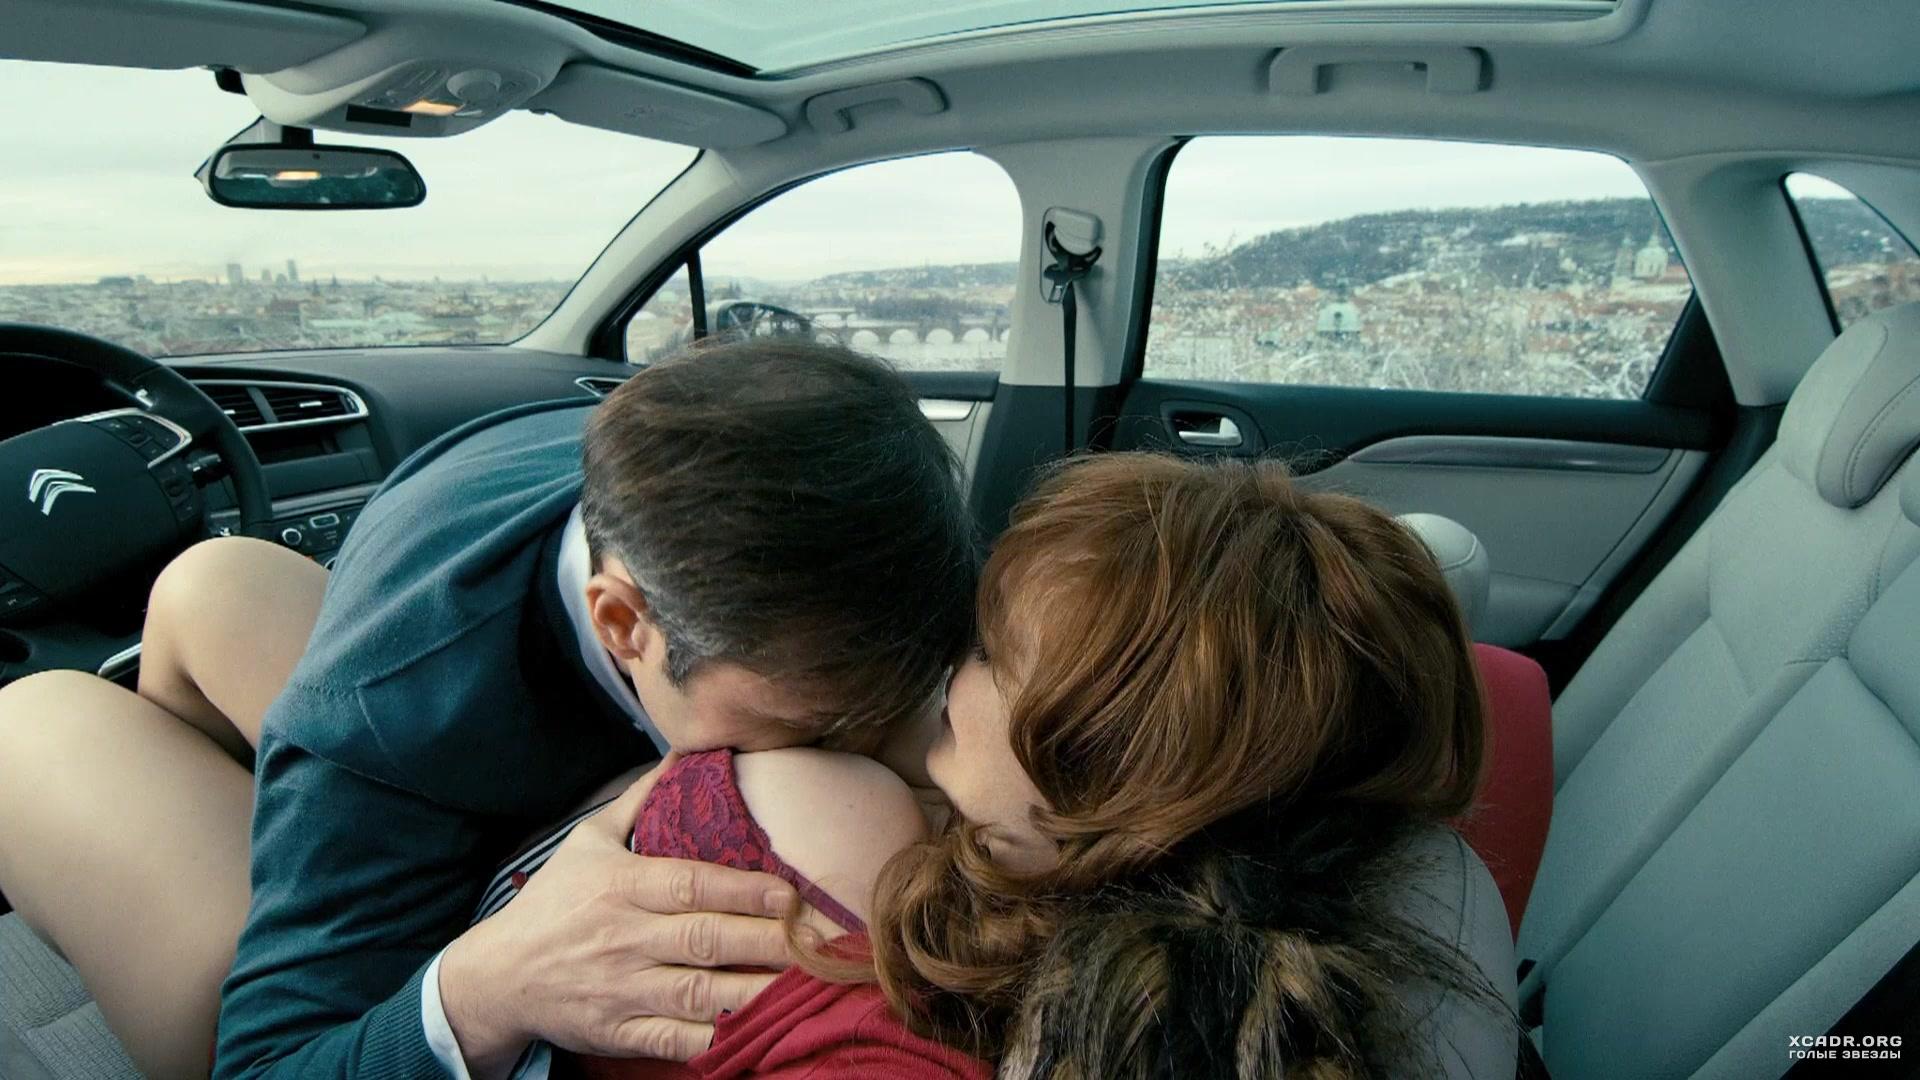 проблемы часто секс фильмы в машине всячески разглядывает